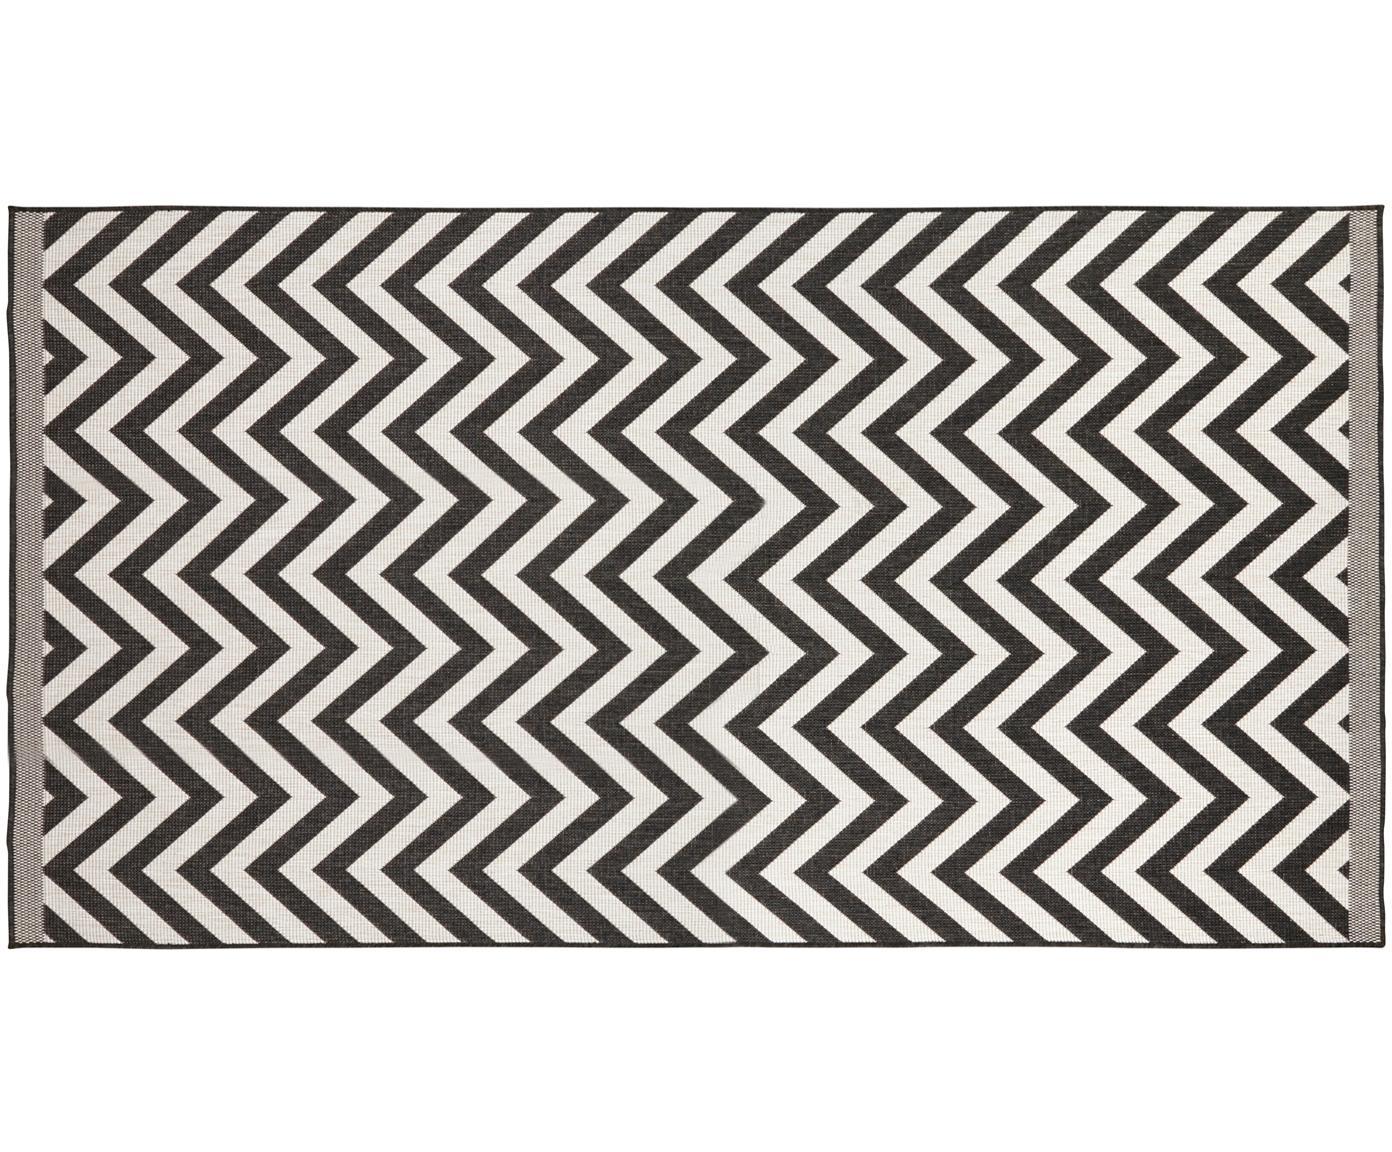 Dubbelzijdig in- & outdoor vloerkleed Palma, met zigzag patroon, Zwart, crèmekleurig, B 80 x L 150 cm (maat XS)